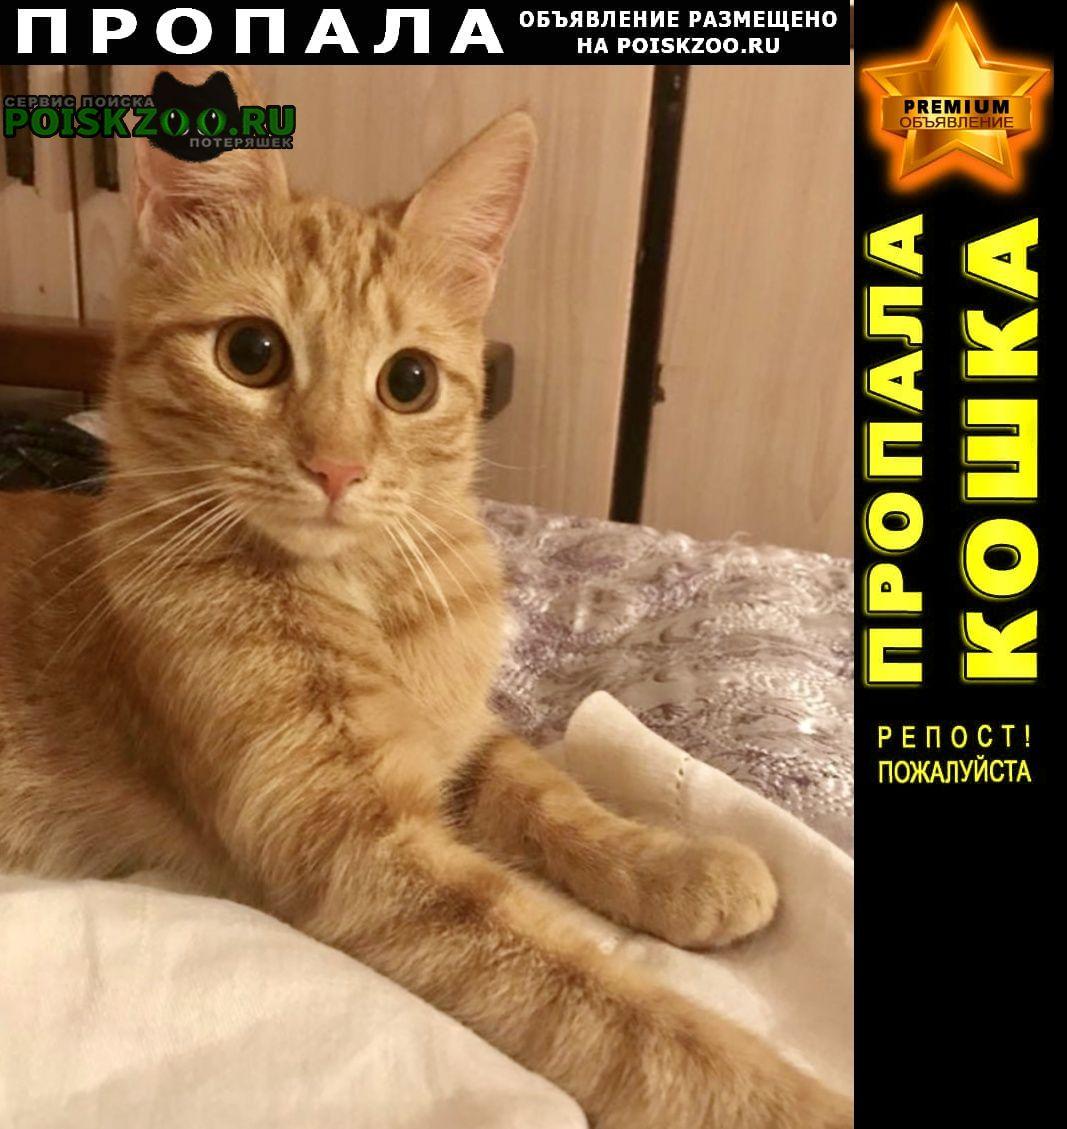 Пропала кошка рыжая щукино Москва